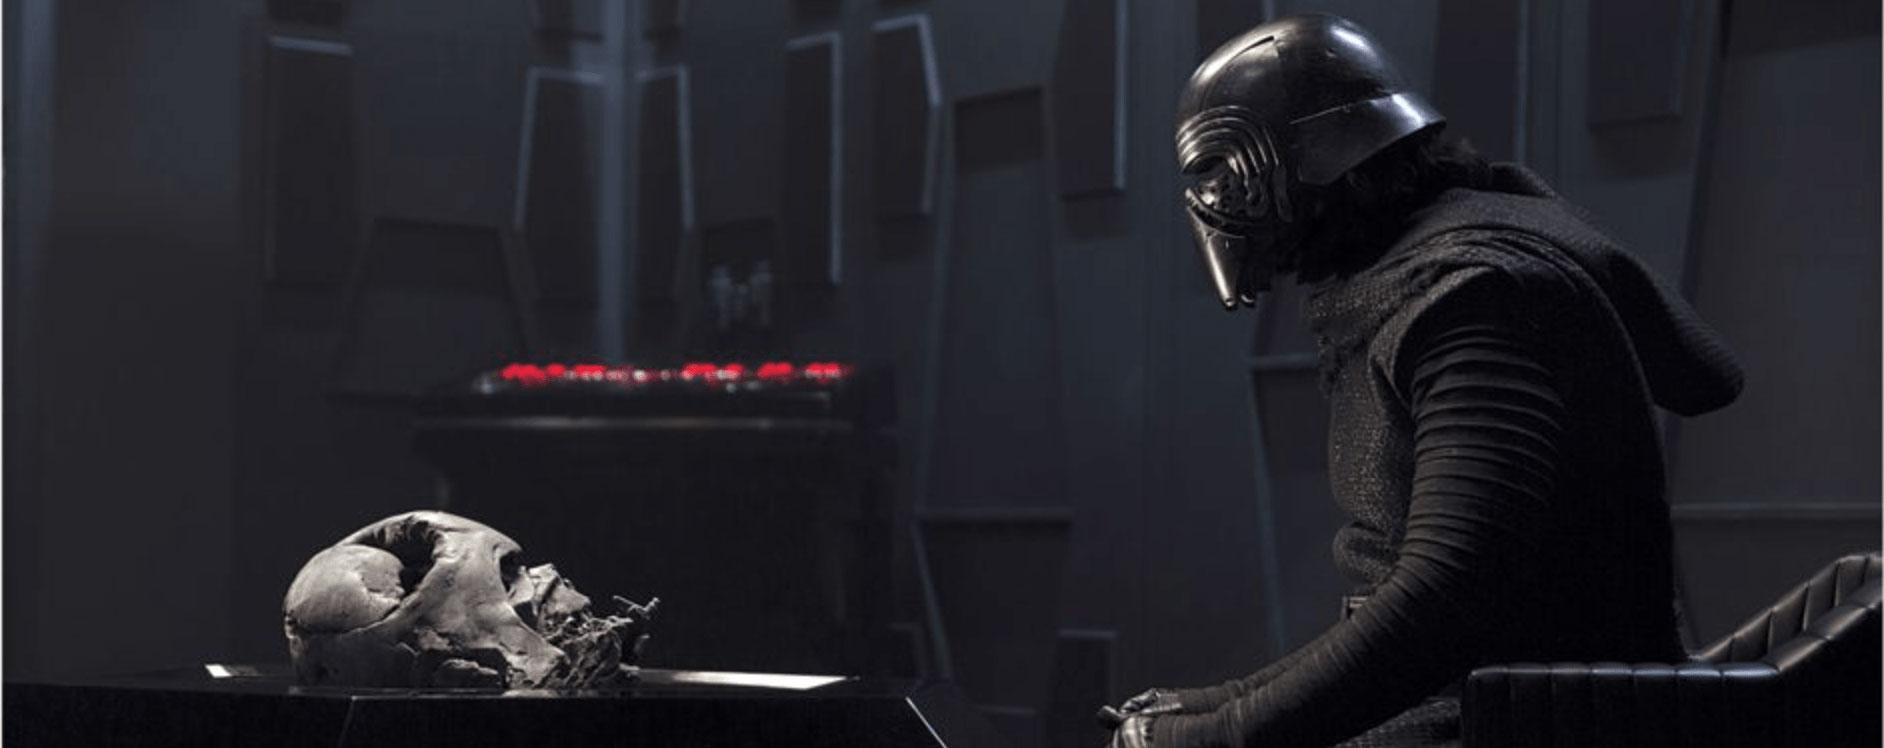 Star Wars Rekord USA